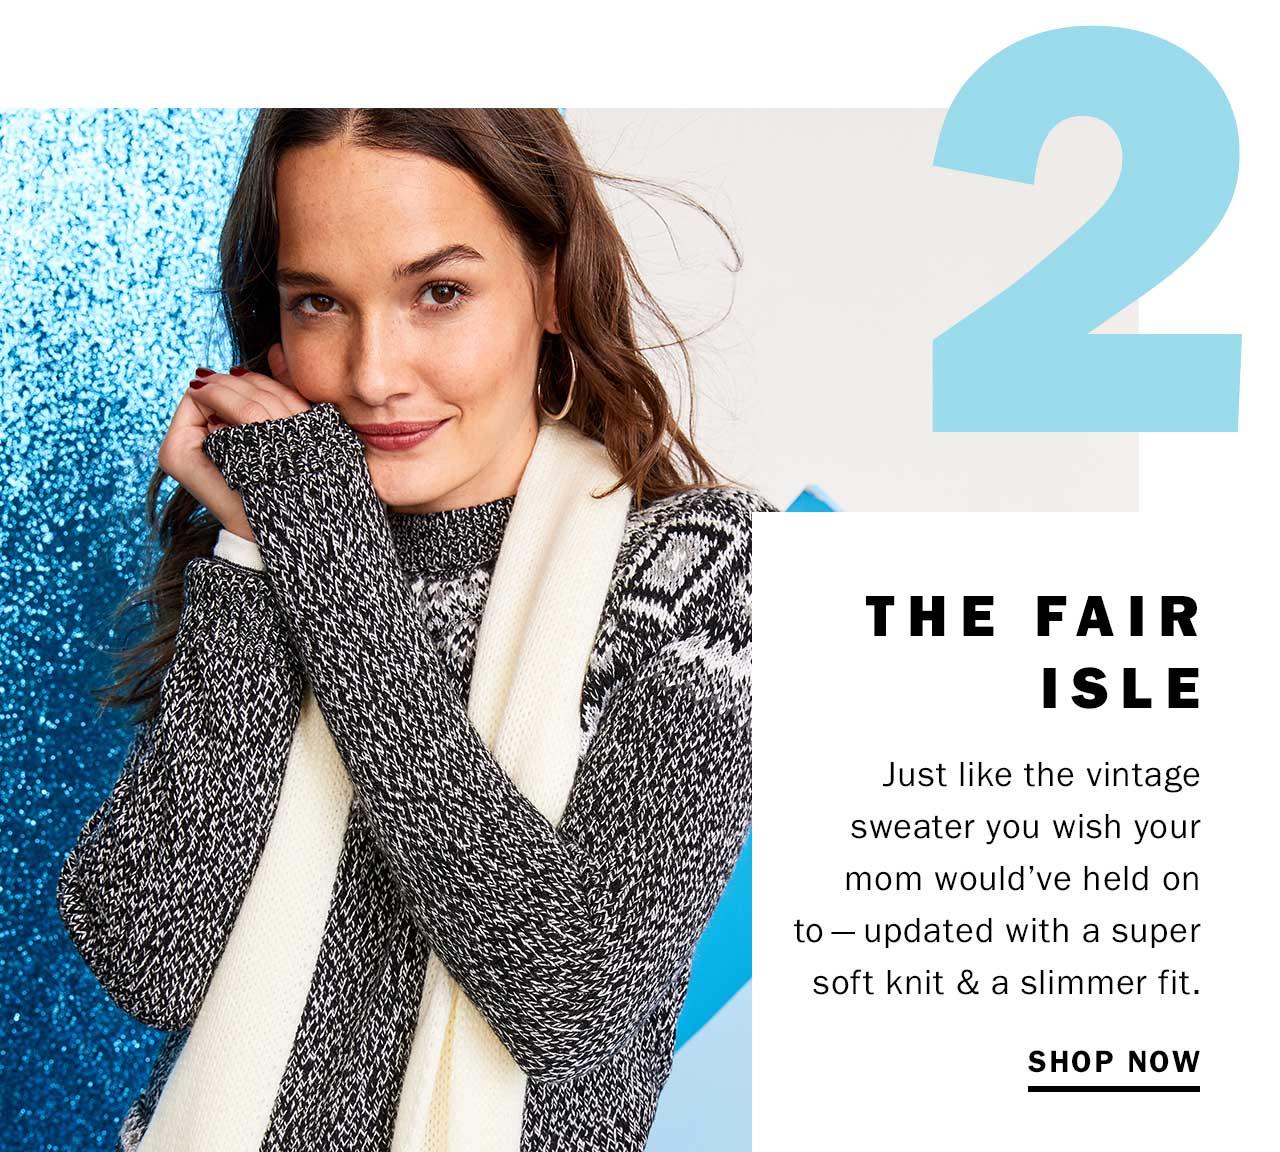 The fair isle